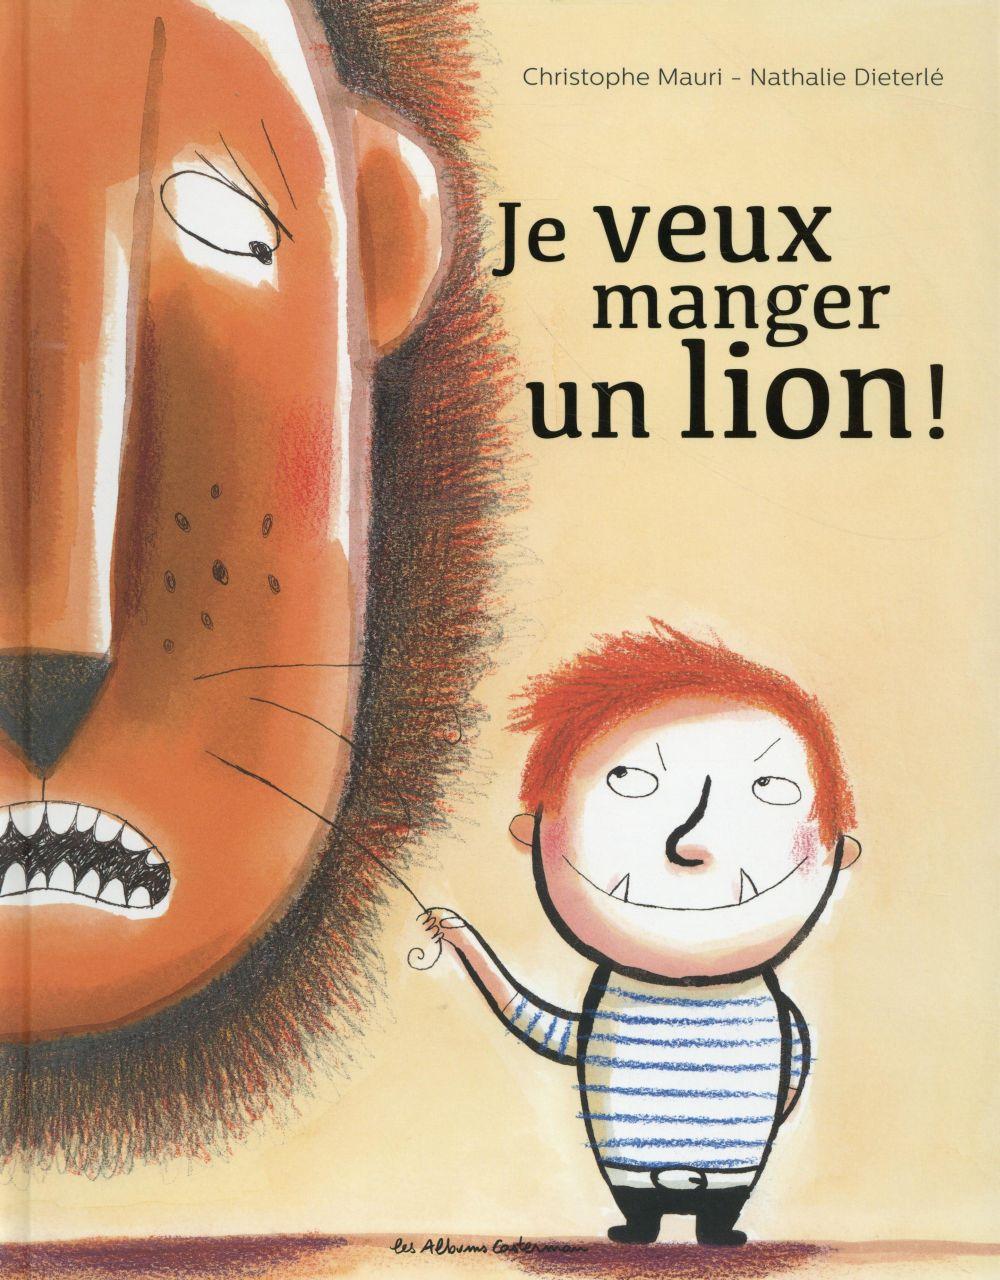 JE VEUX MANGER UN LION !